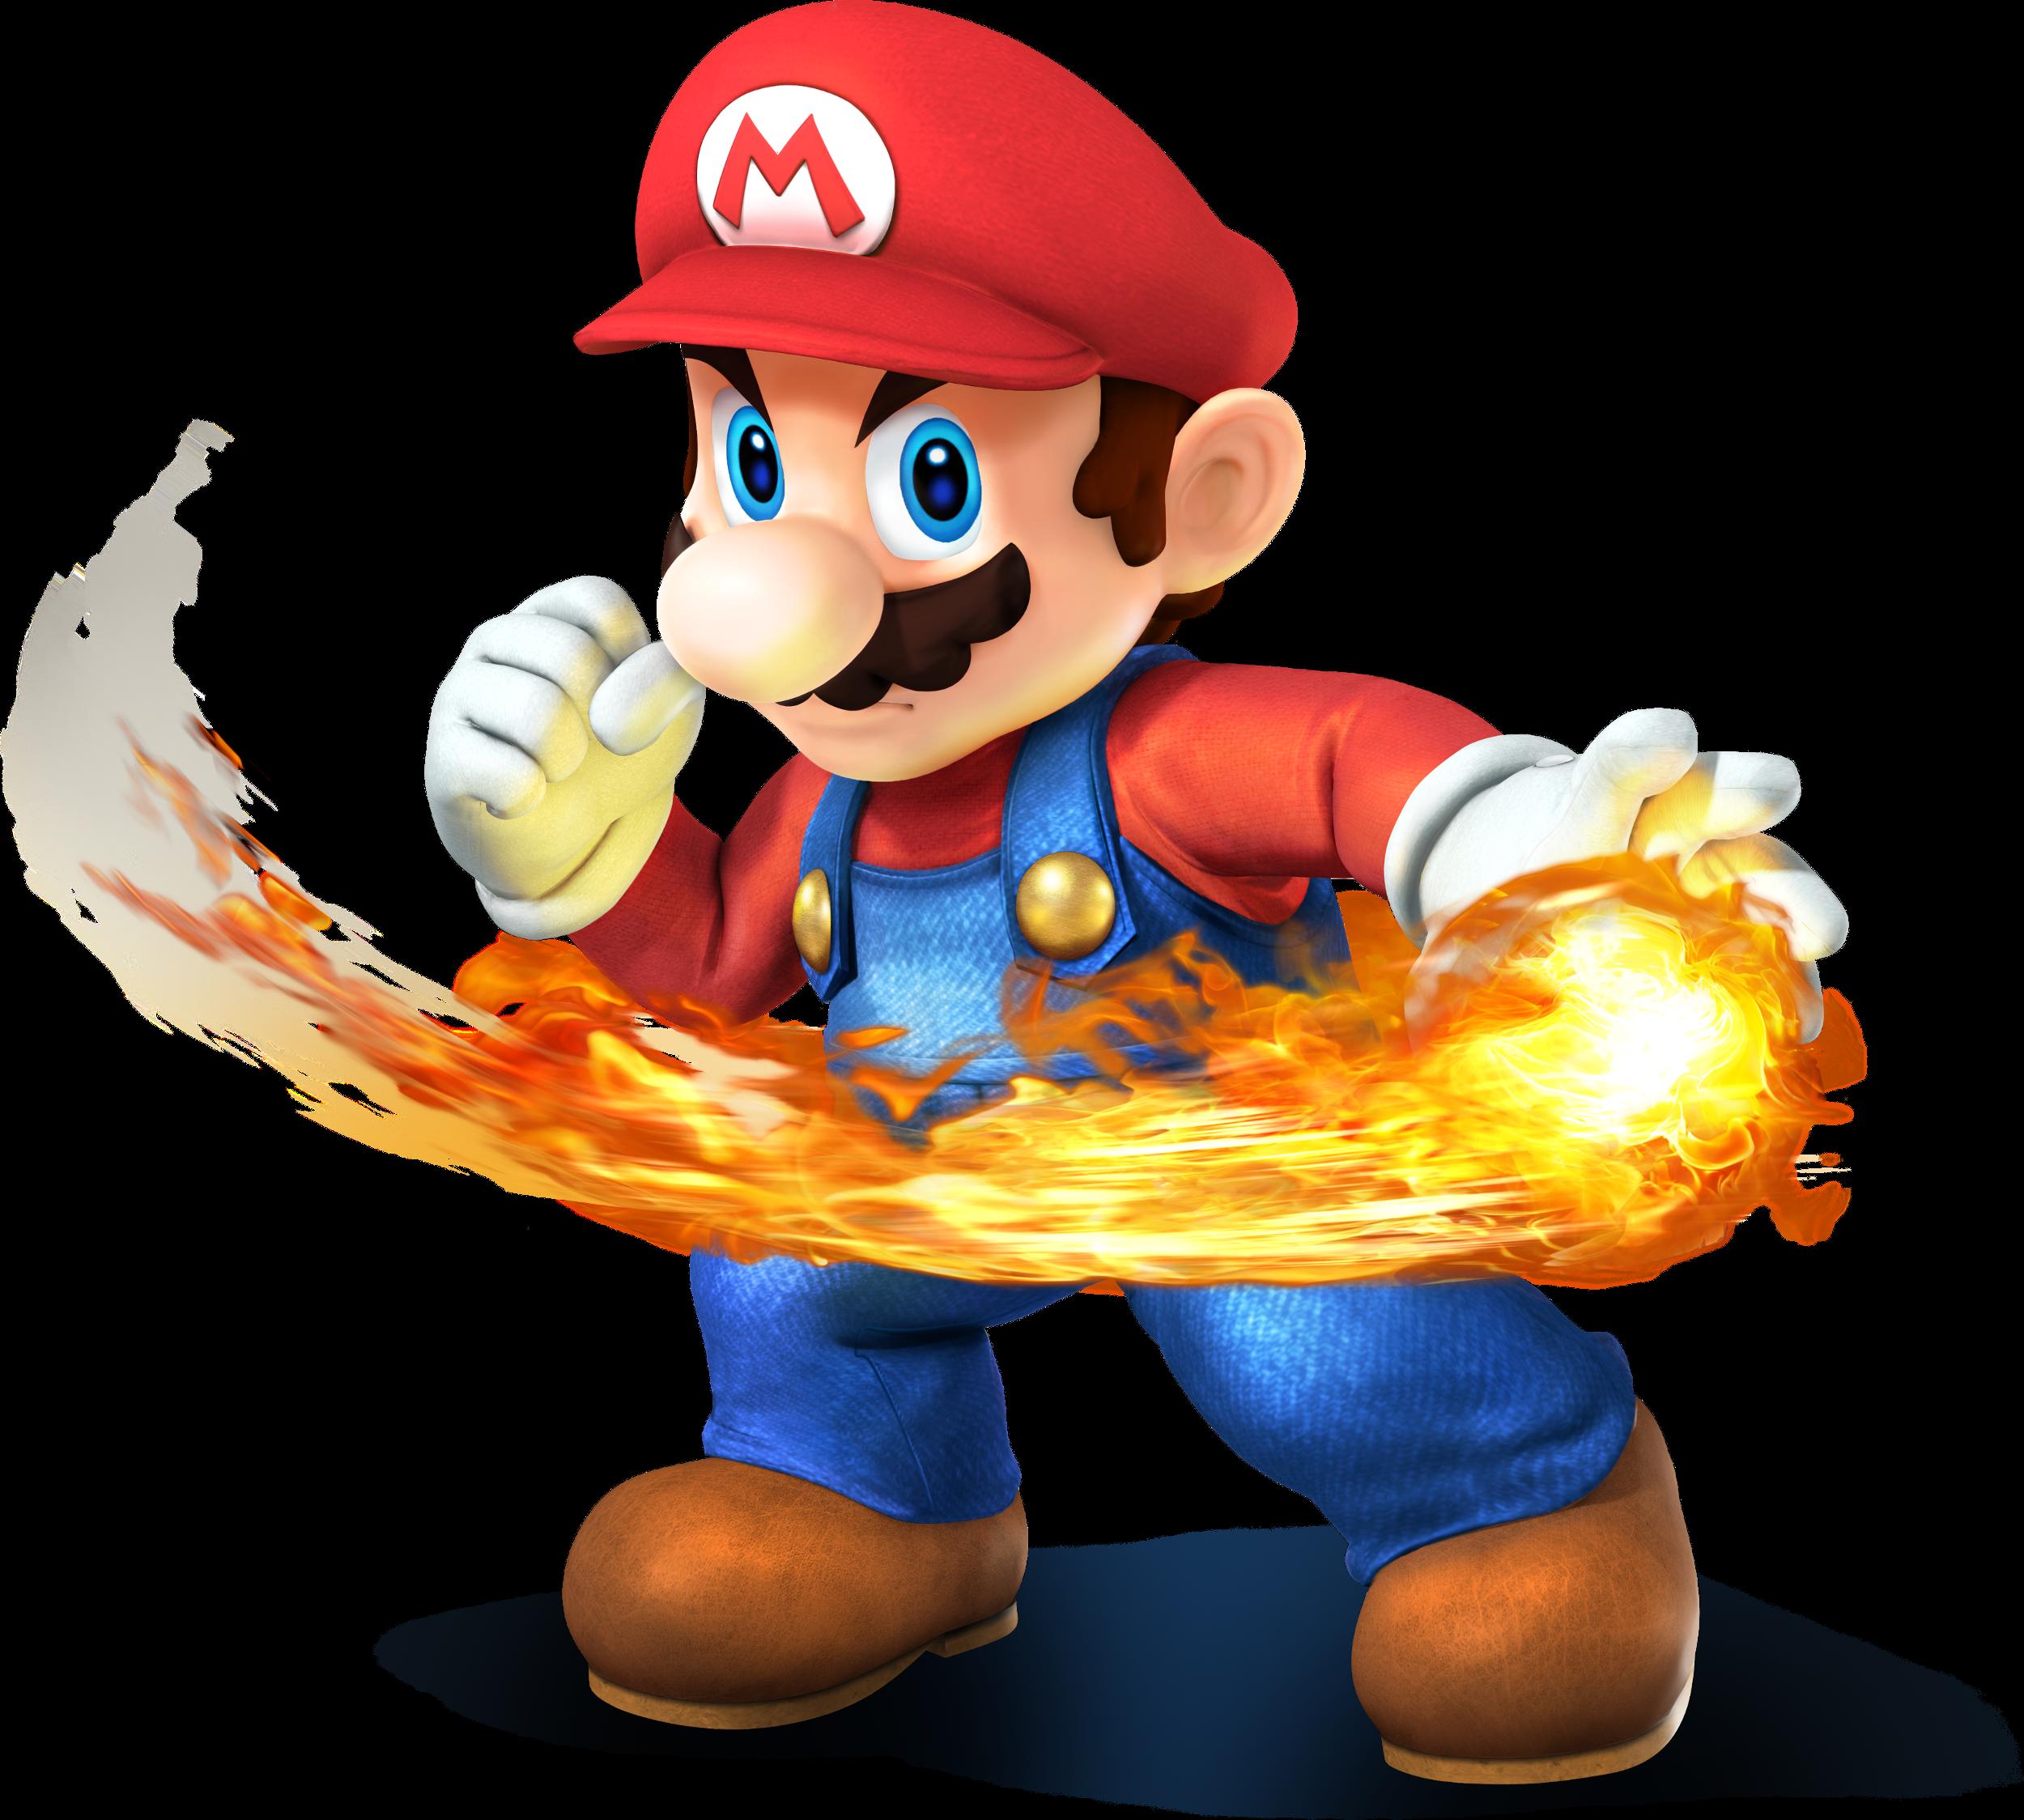 Super Smash Bros. Scuffle